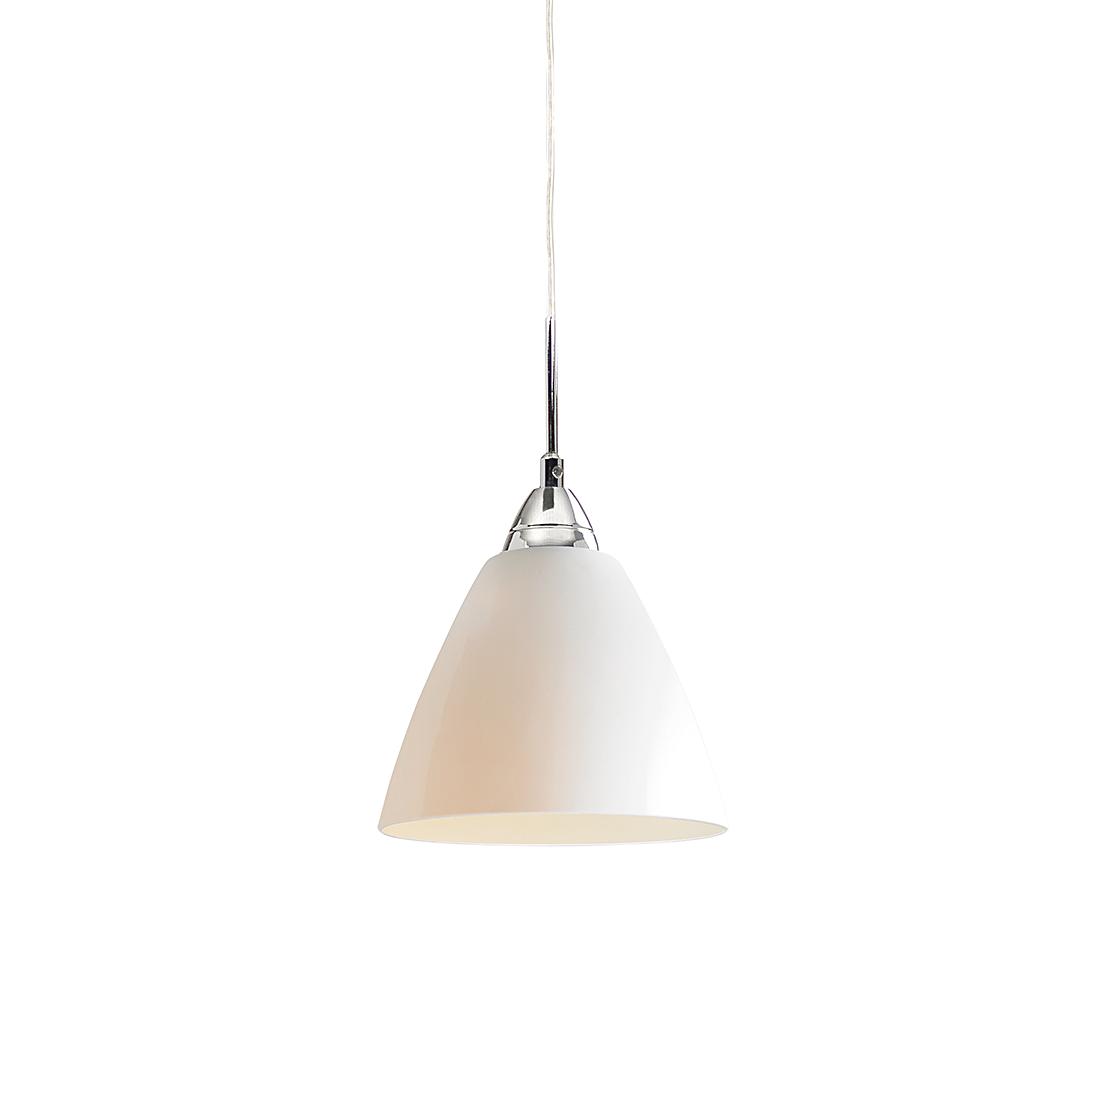 Nordlux Hanglamp Read - metaal/glas -opaalwit - verschillende afmetingen (Diameter: 14cm) Home24